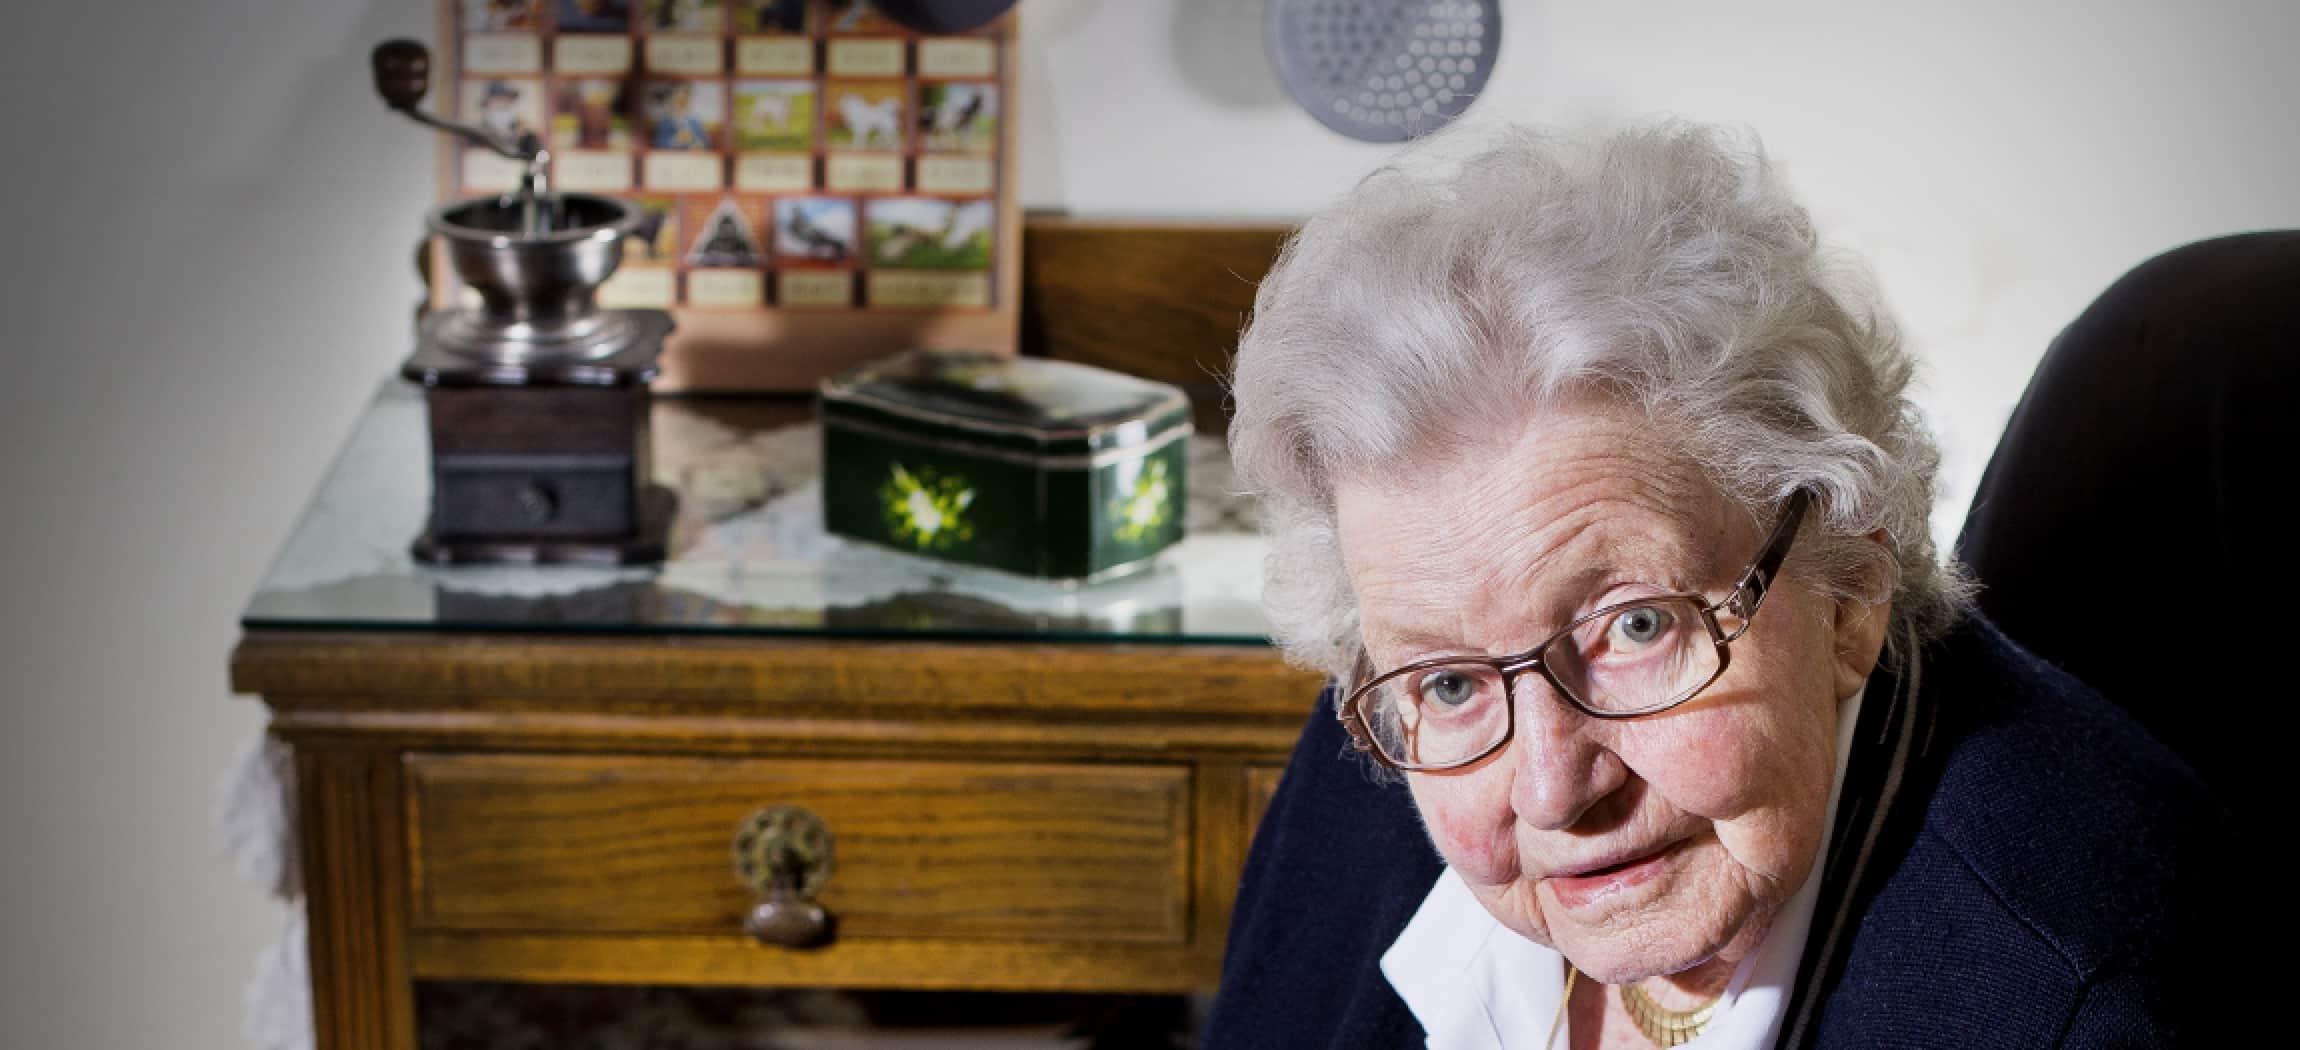 Mevrouw Jo (89) woont in woonzorgcentrum Groenelaan Amstelveen - uit de serie Mensen van Amstelring